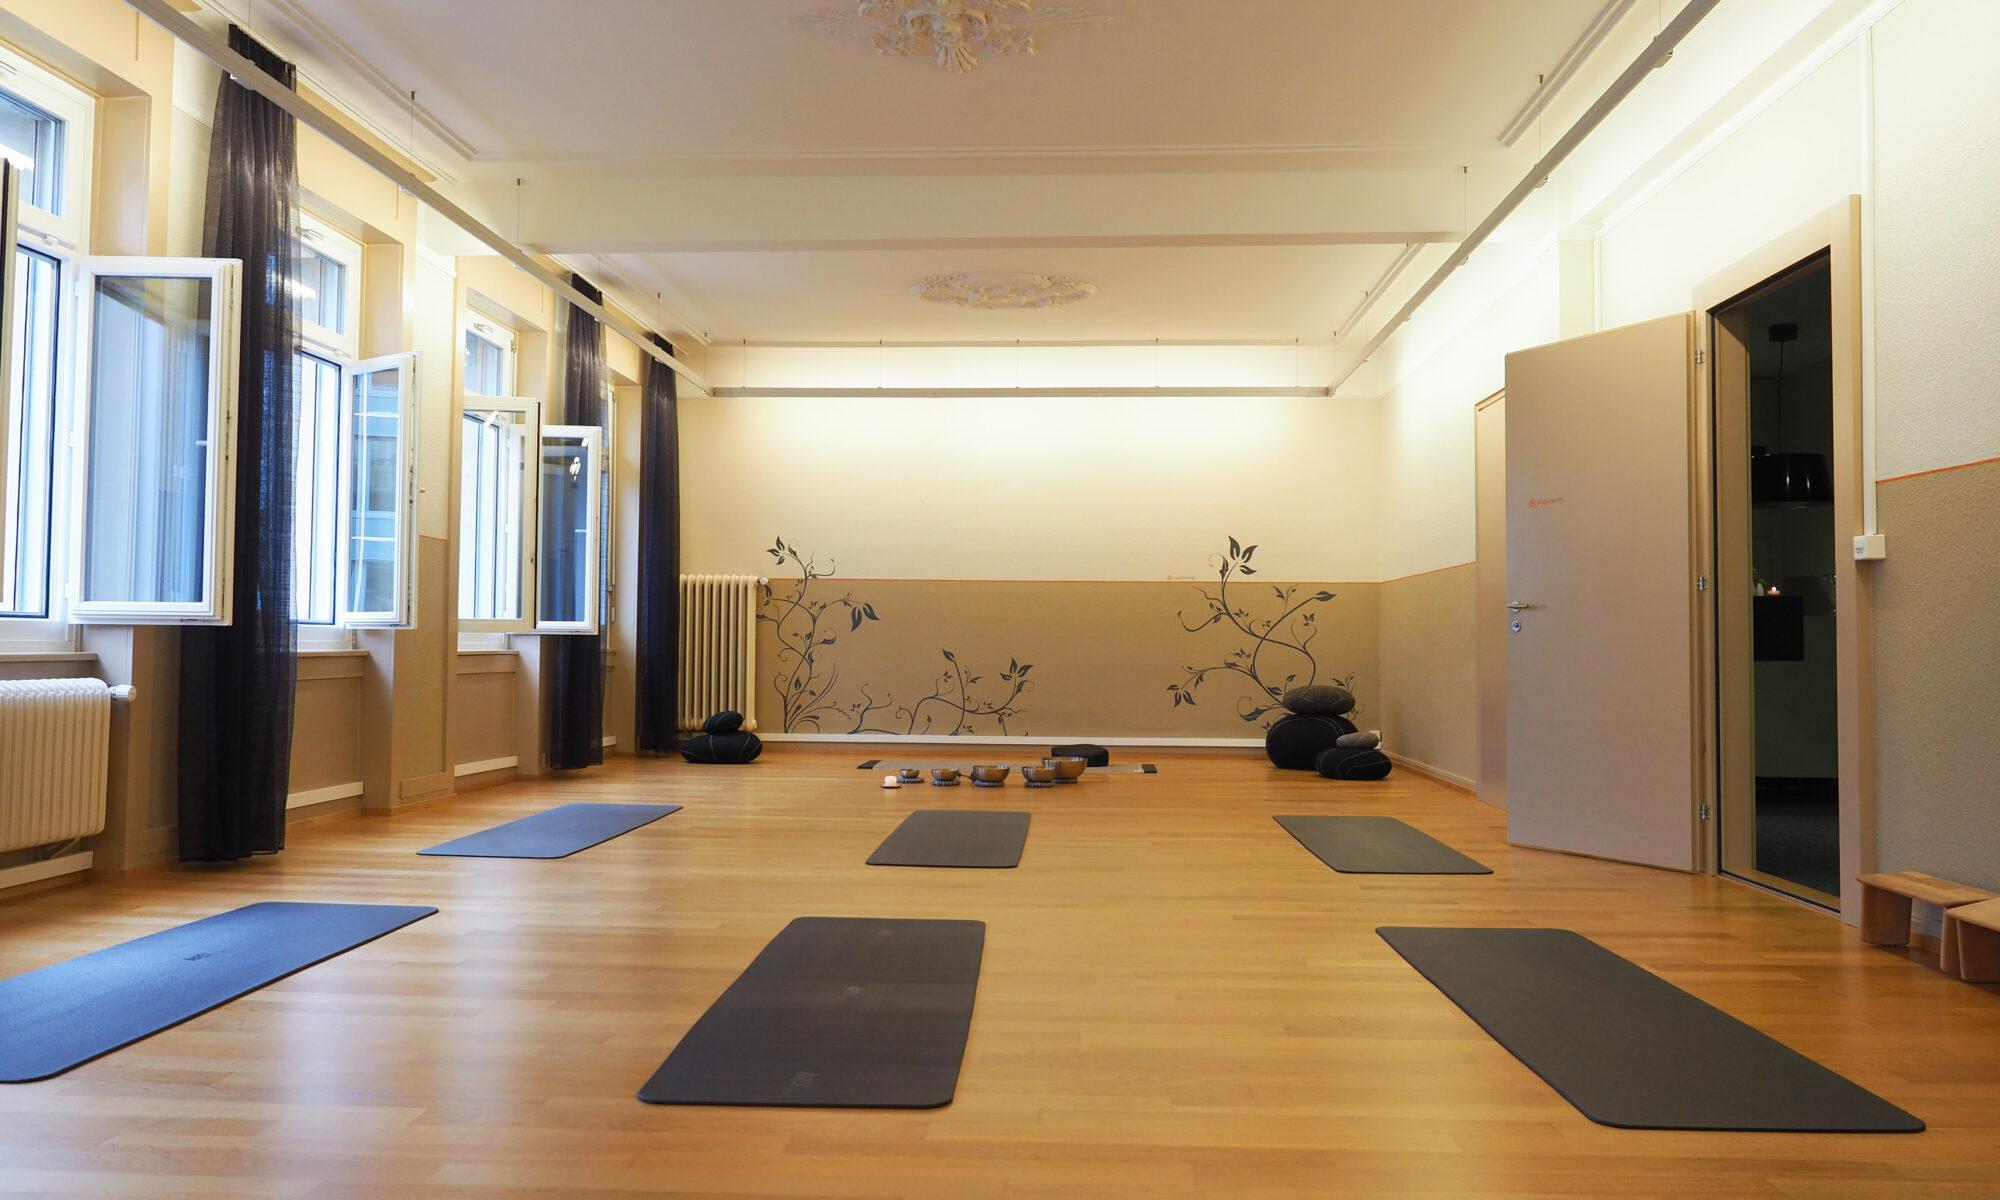 Vermietung Yogaraum St. Gallen